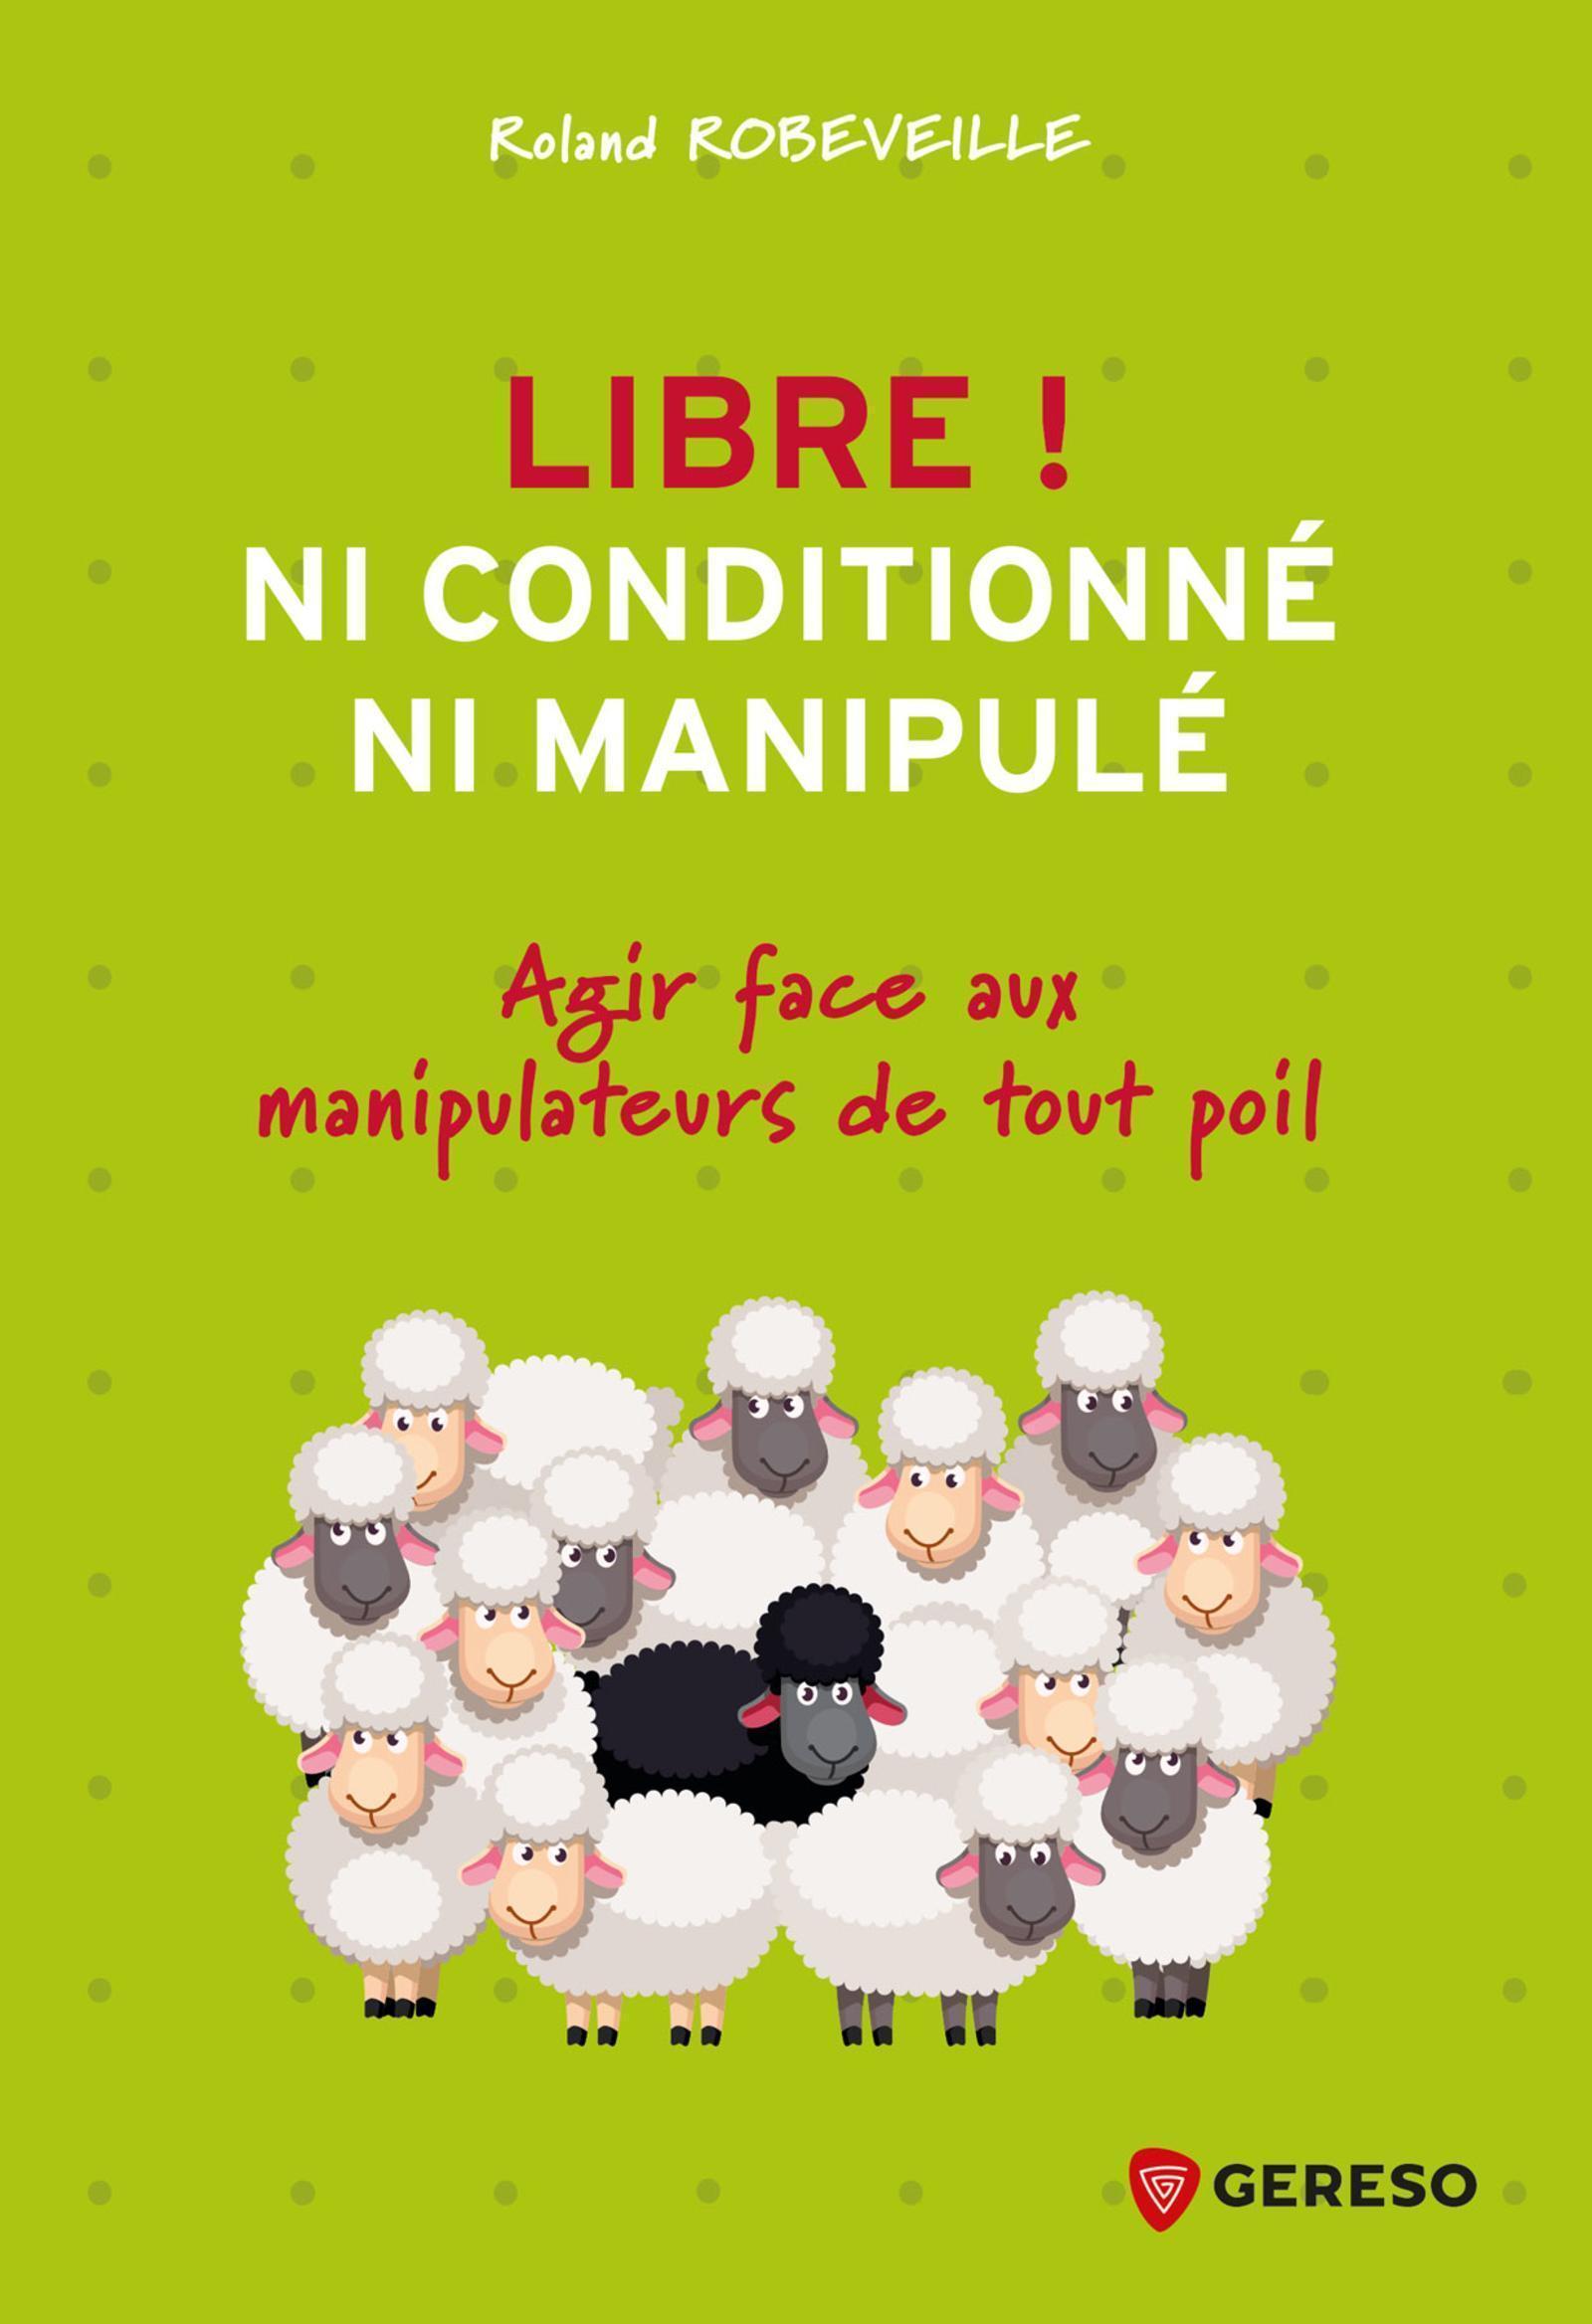 LIBRE ! NI CONDITIONNE, NI MANIPULE - AGIR FACE AUX MANIPULATEURS DE TOUT POIL